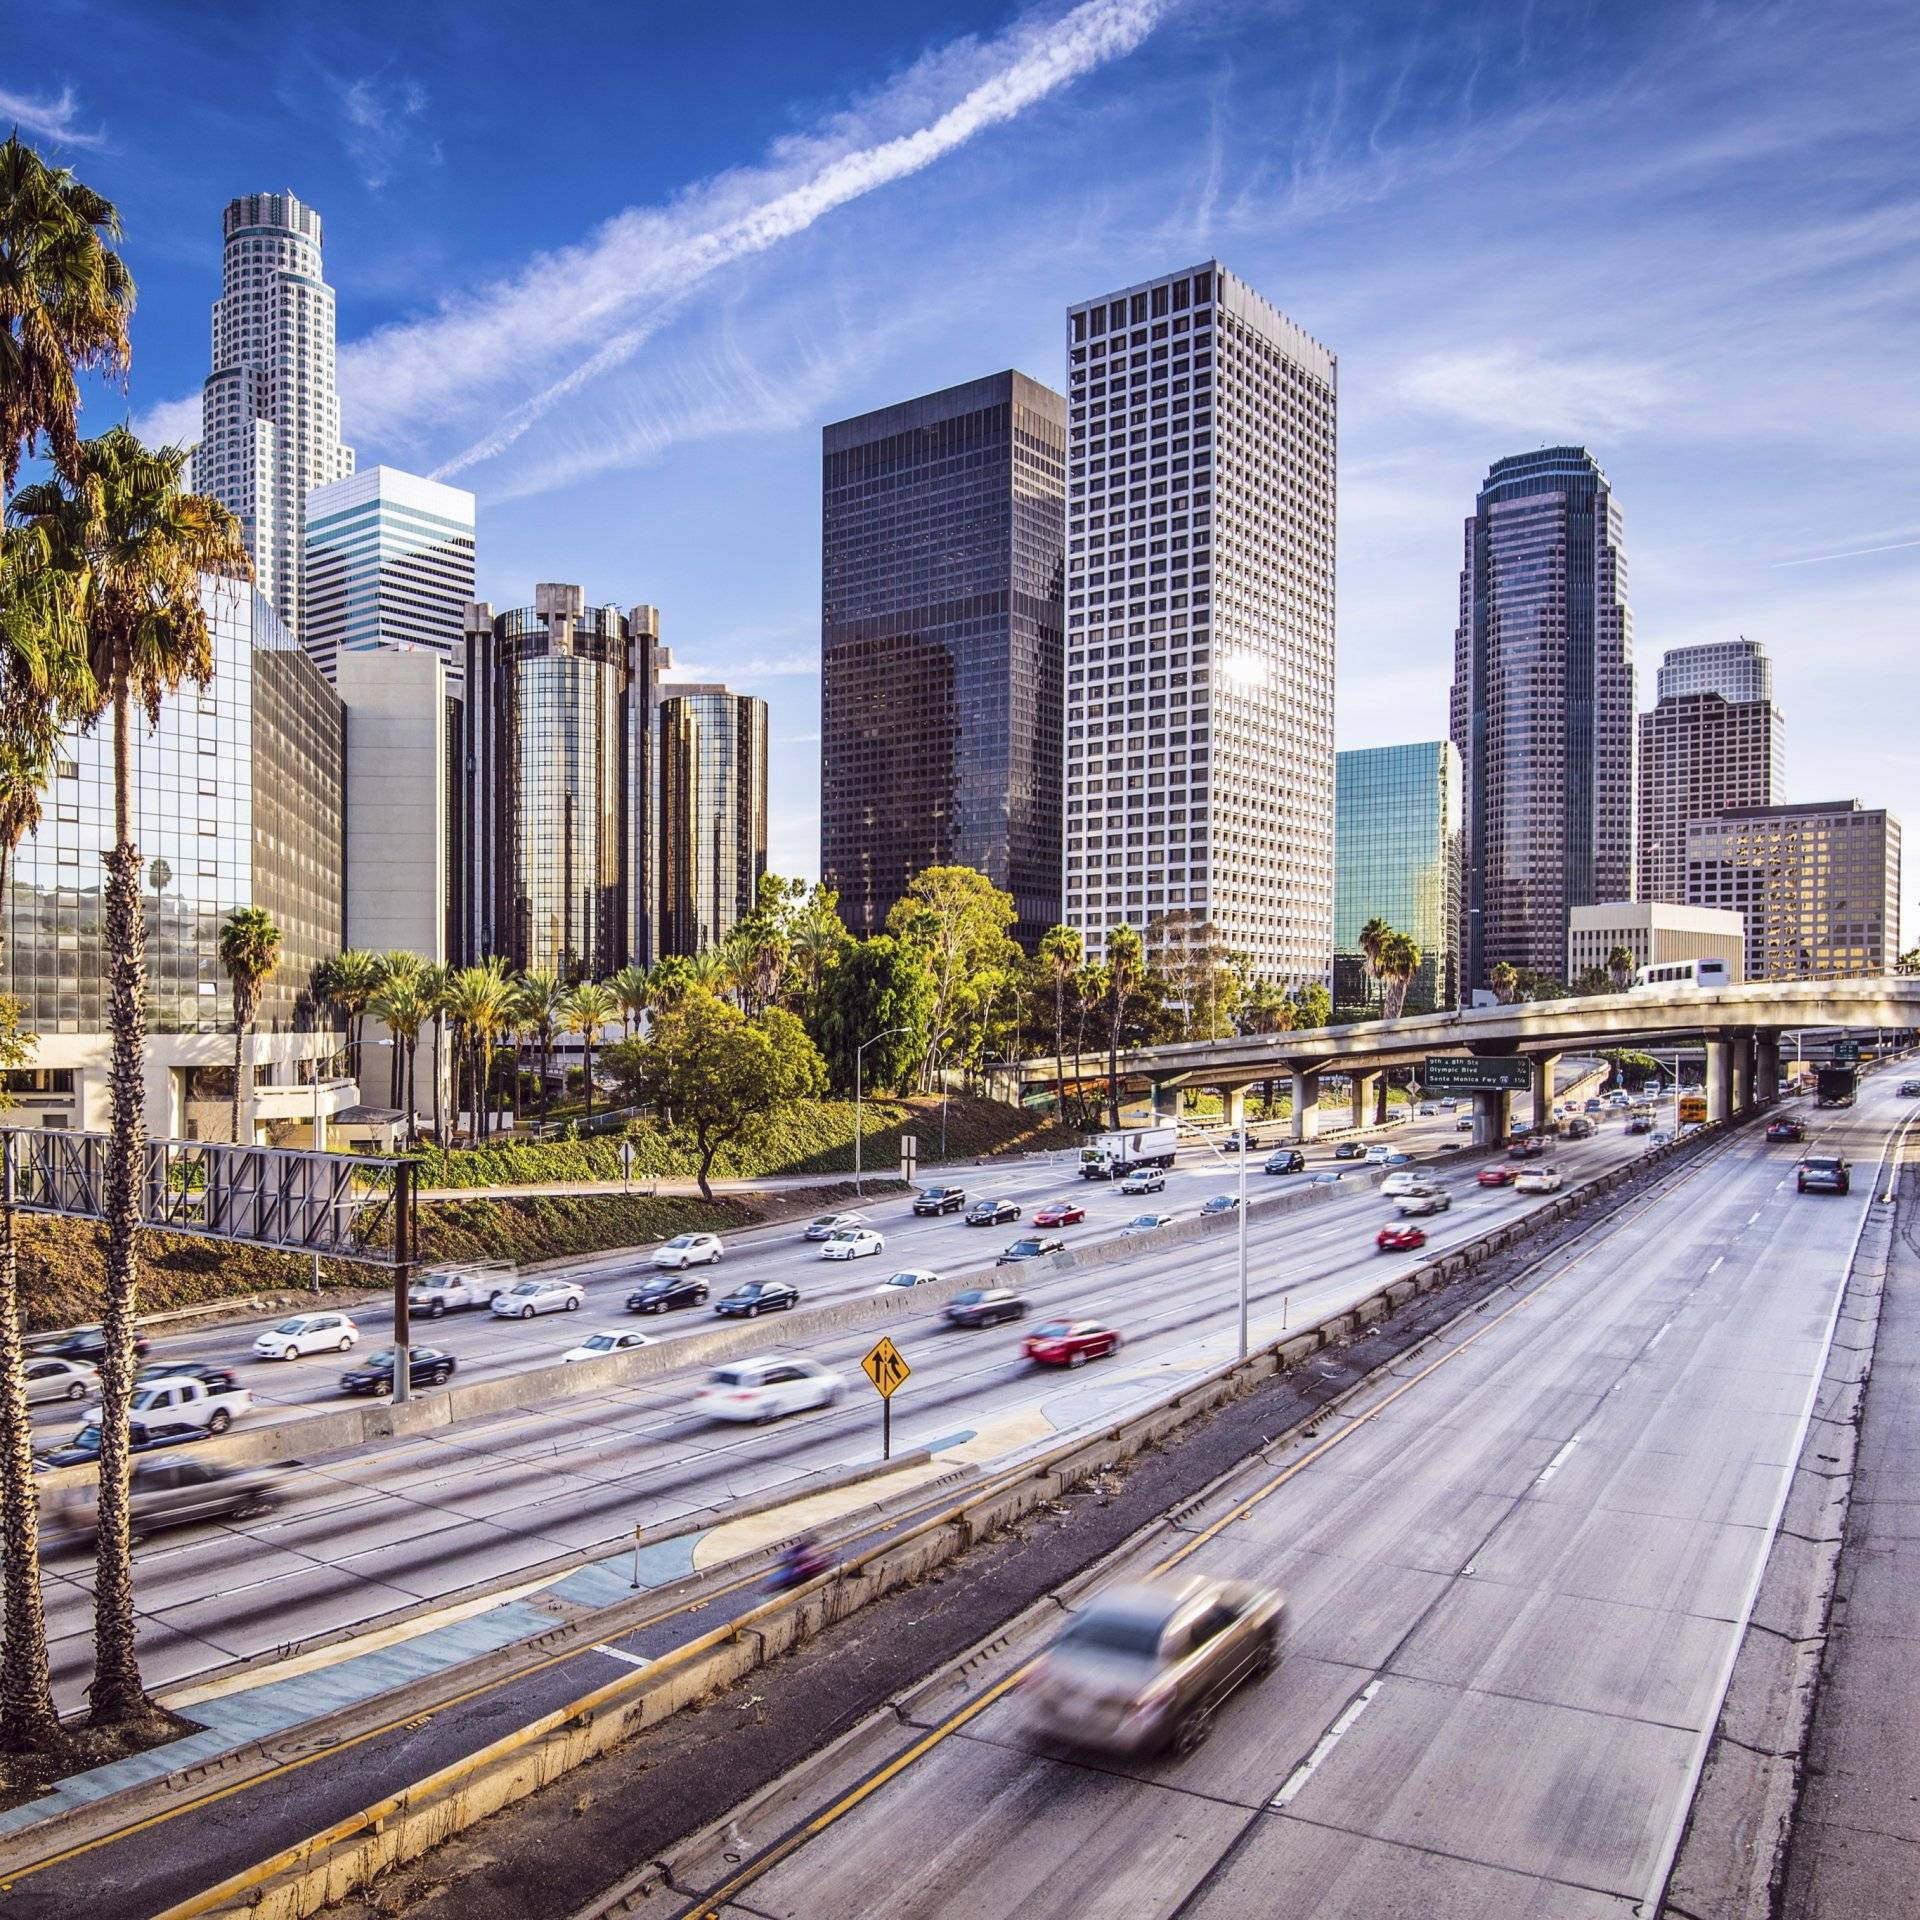 Иммигранты о жизни в калифорнии: прибрежные города, высокие зарплаты и дешевое жилье | стиль жизни  на weproject